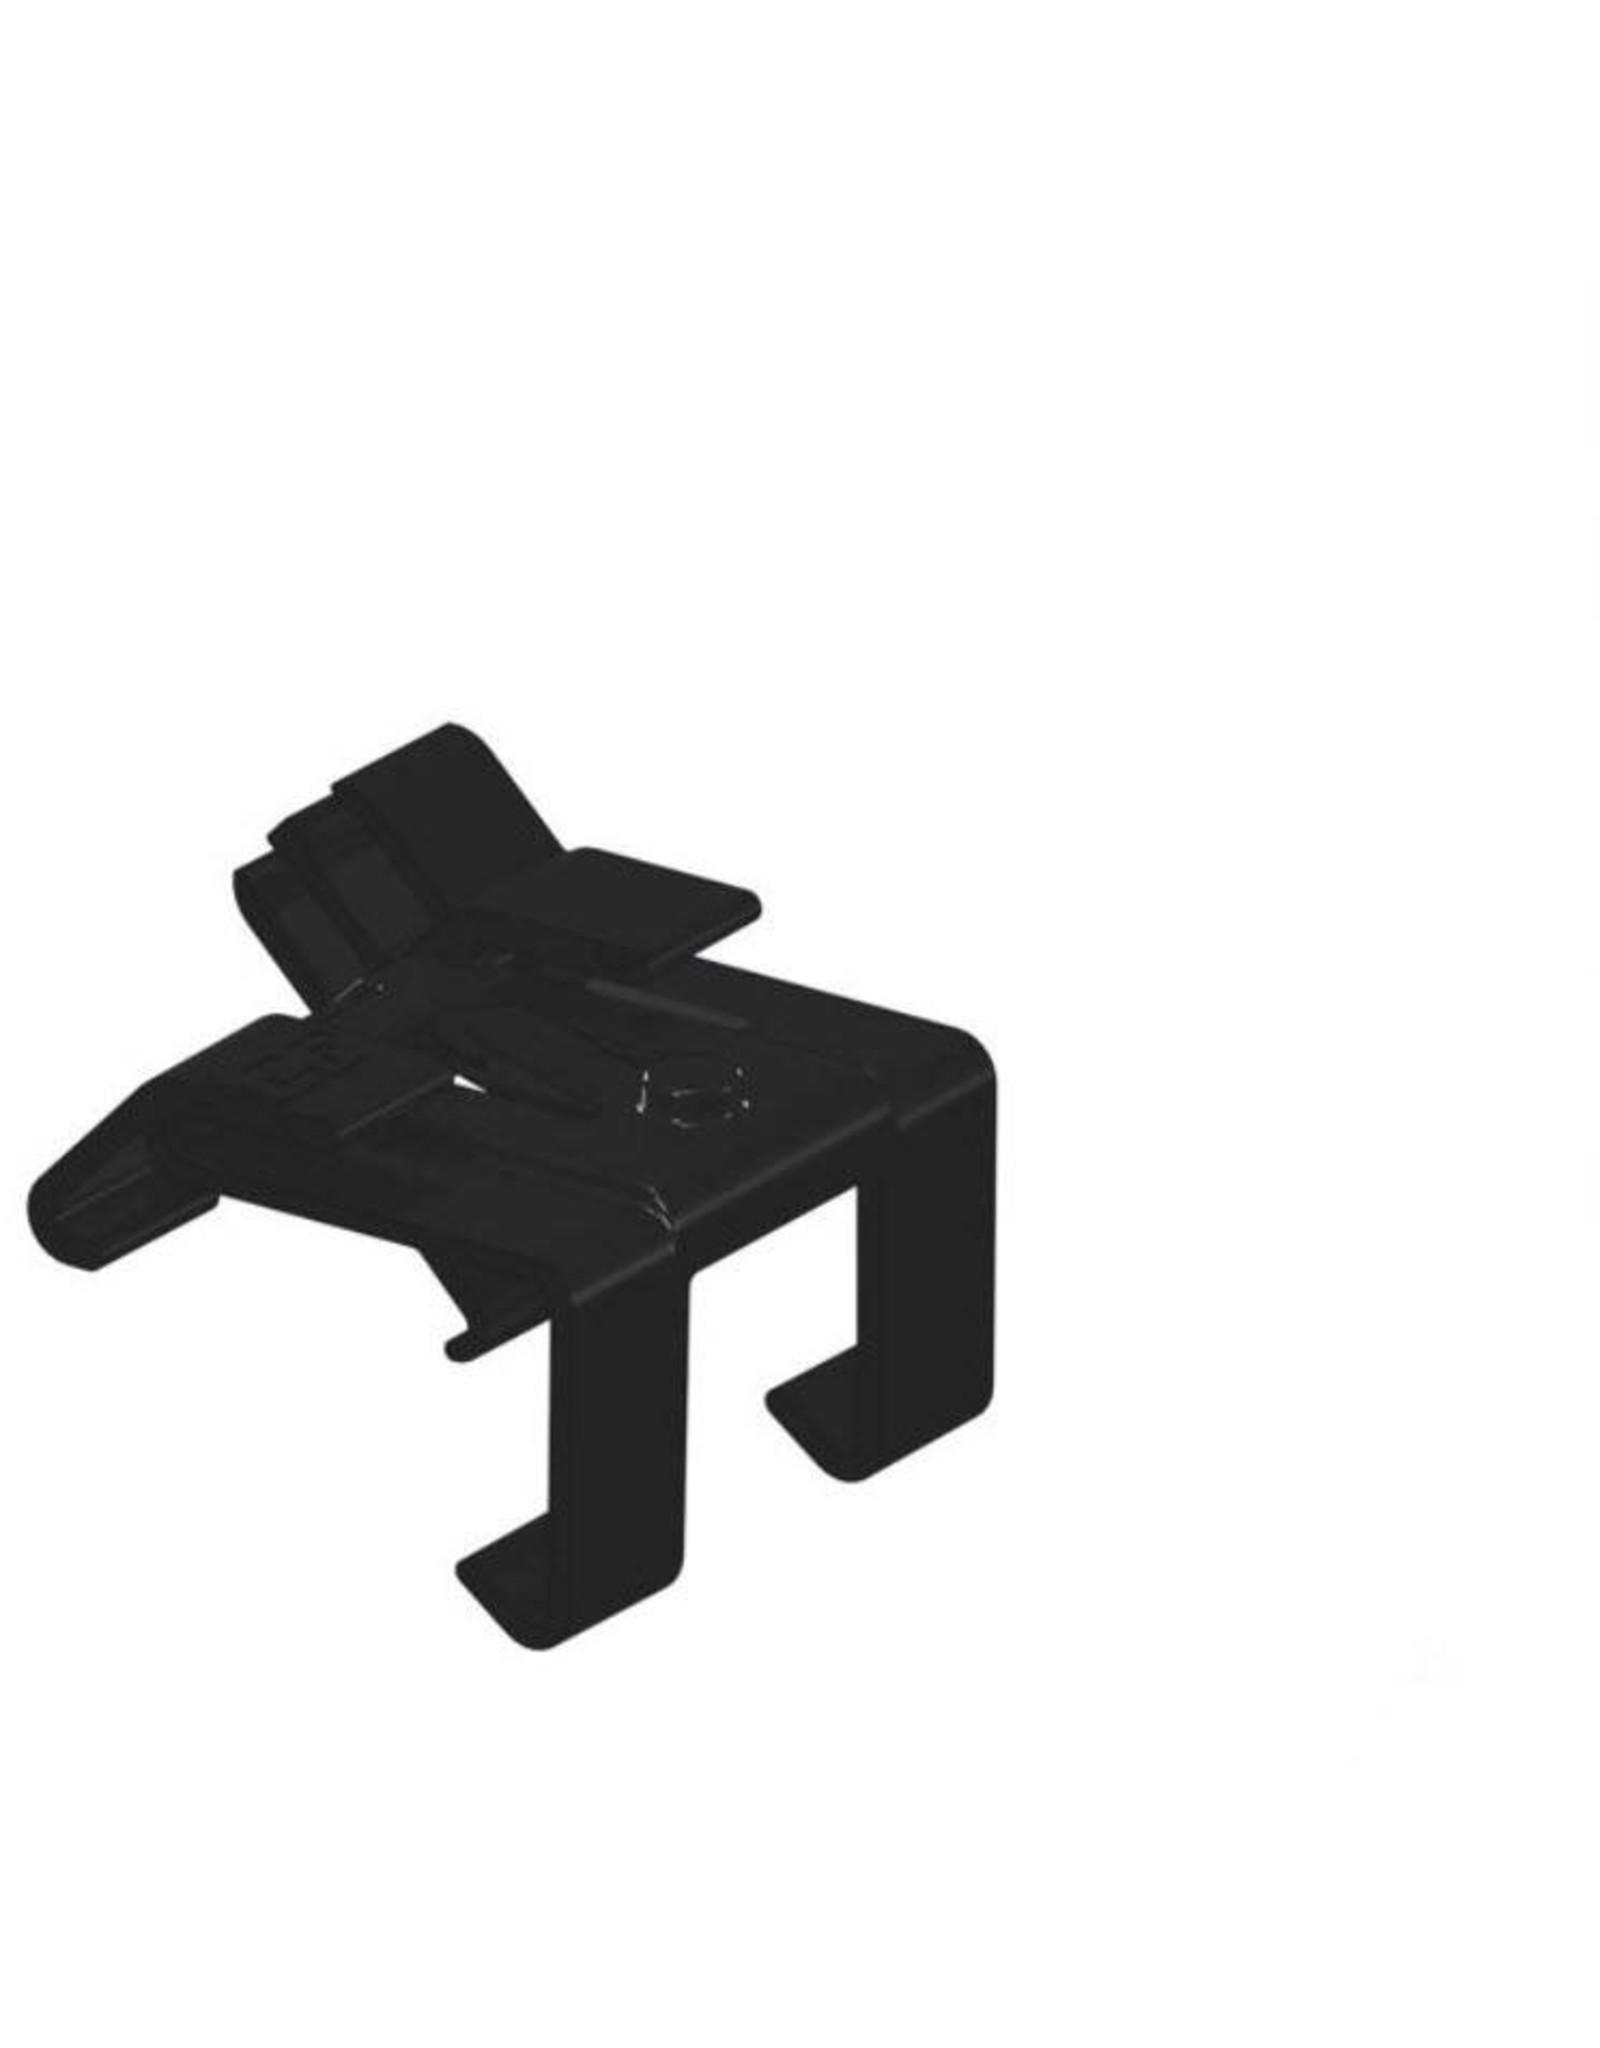 Esdec ClickFit EVO Esdec Clickfit EVO montagesysteem pannendak - zwart